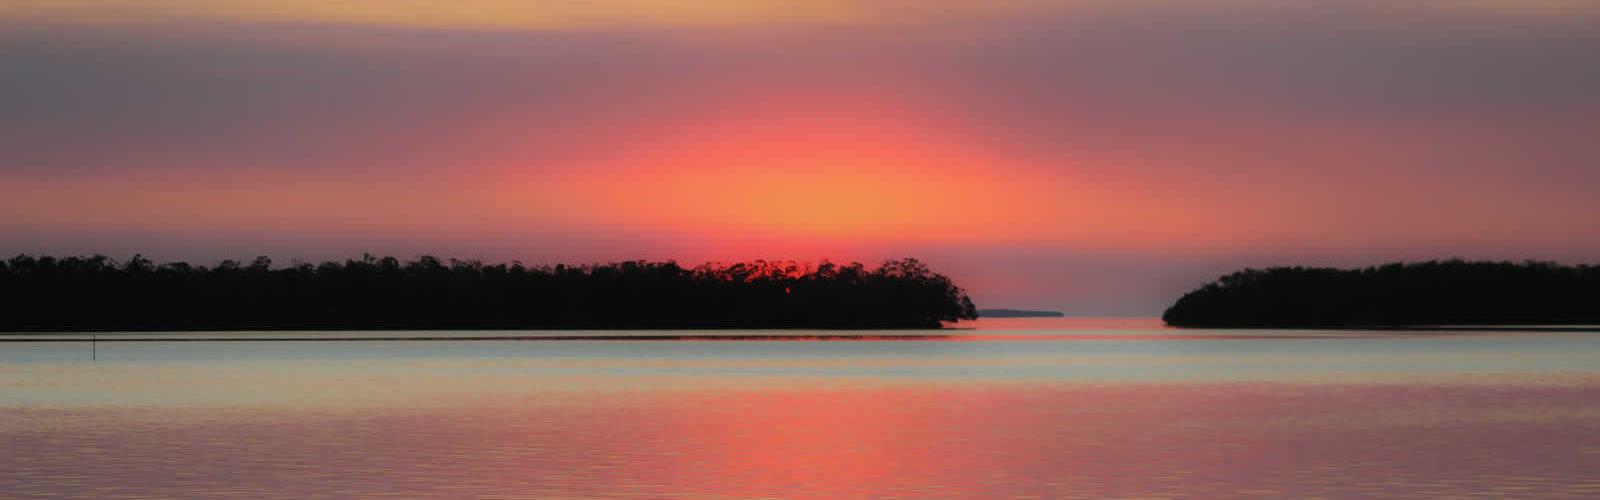 voir-plus-beaux-meilleurs-couchers-soleil-floride-une